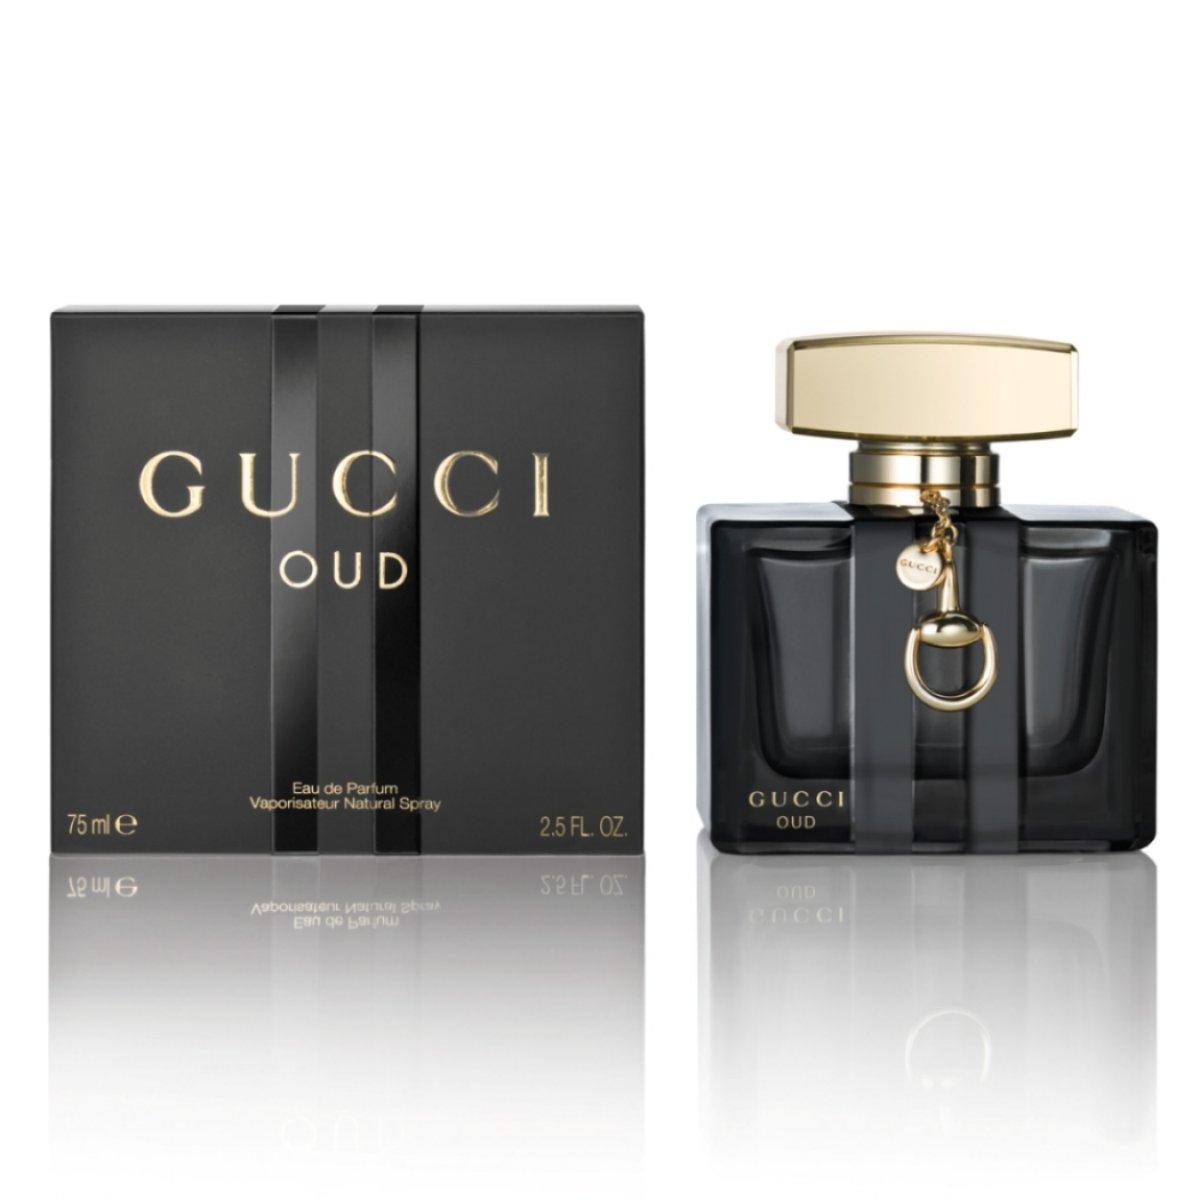 正規品【GUCCI】Gucci Oud EDP 75ml Unisex【グッチ】グッチ ウード オードパルファム 75ml [ユニセックス・UNISEX・香水・フレグランス]